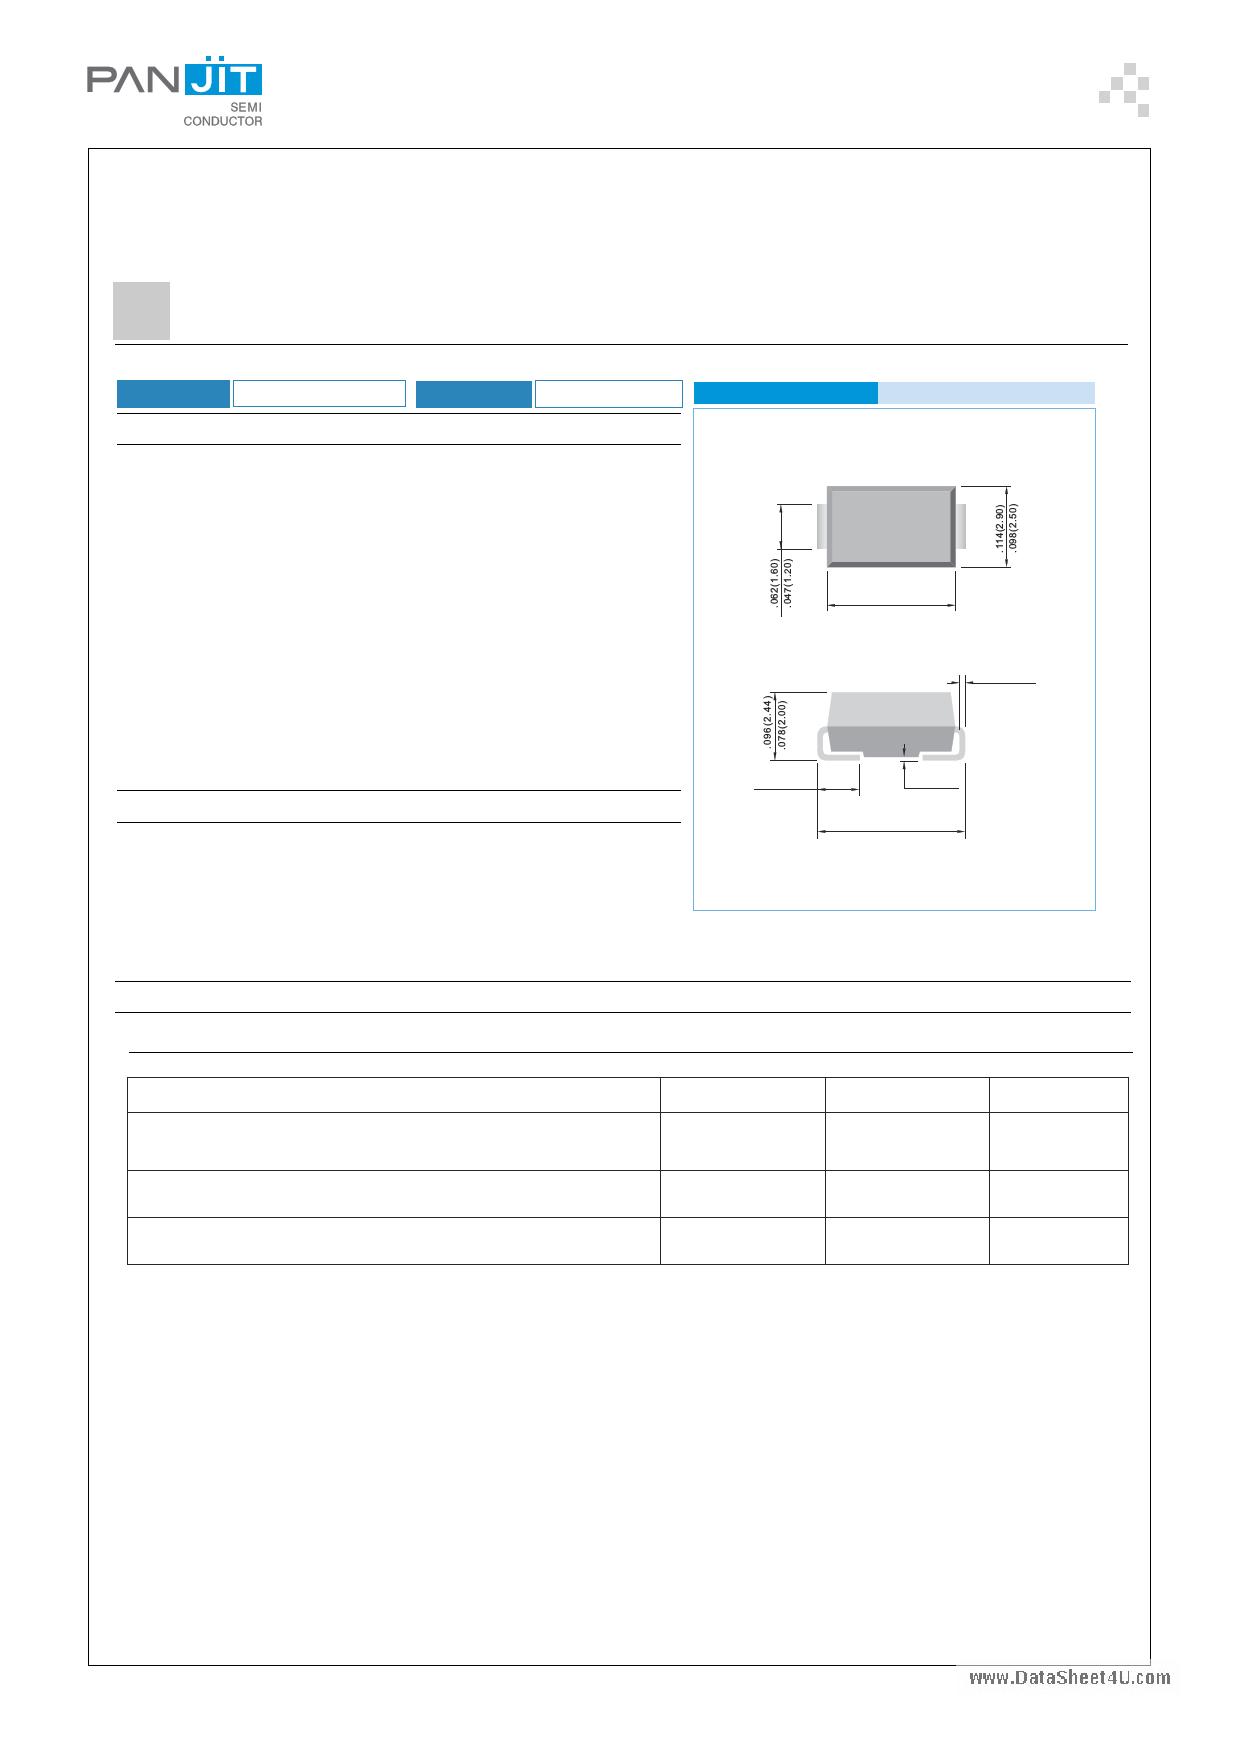 1SMA4762 datasheet